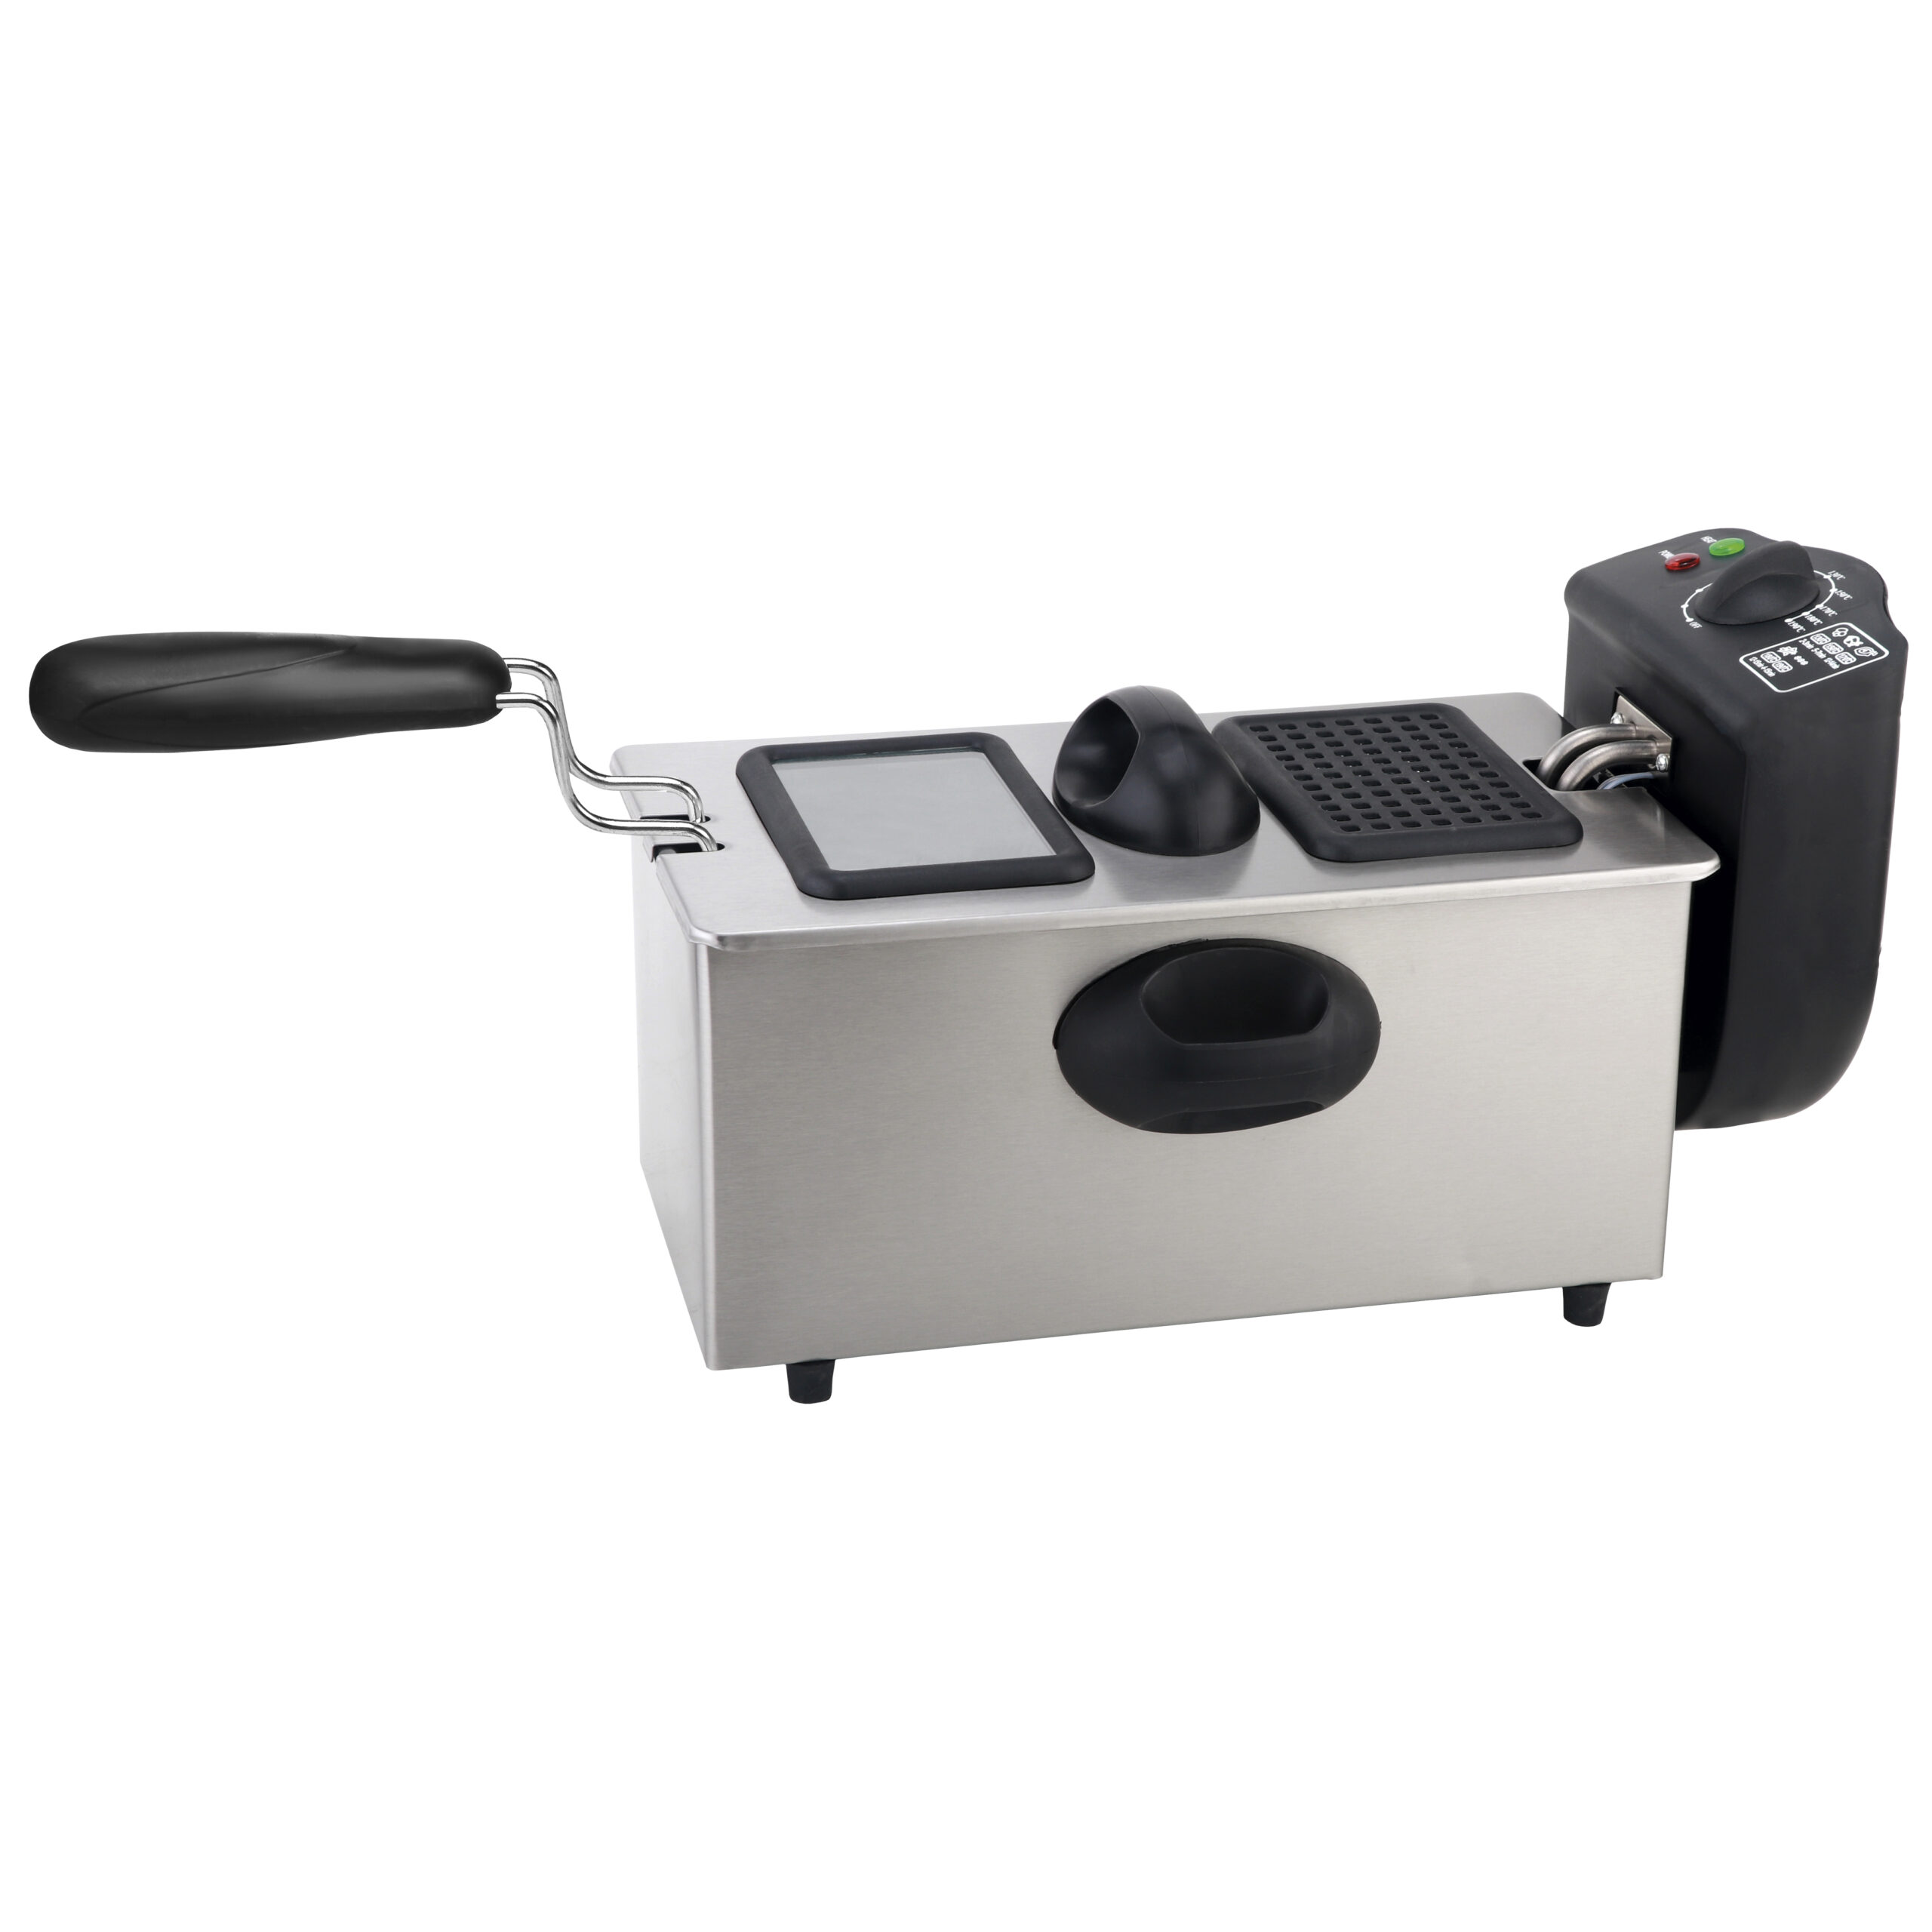 Freidora eléctrica We Houseware BN3312 de 3,5l y 2000W